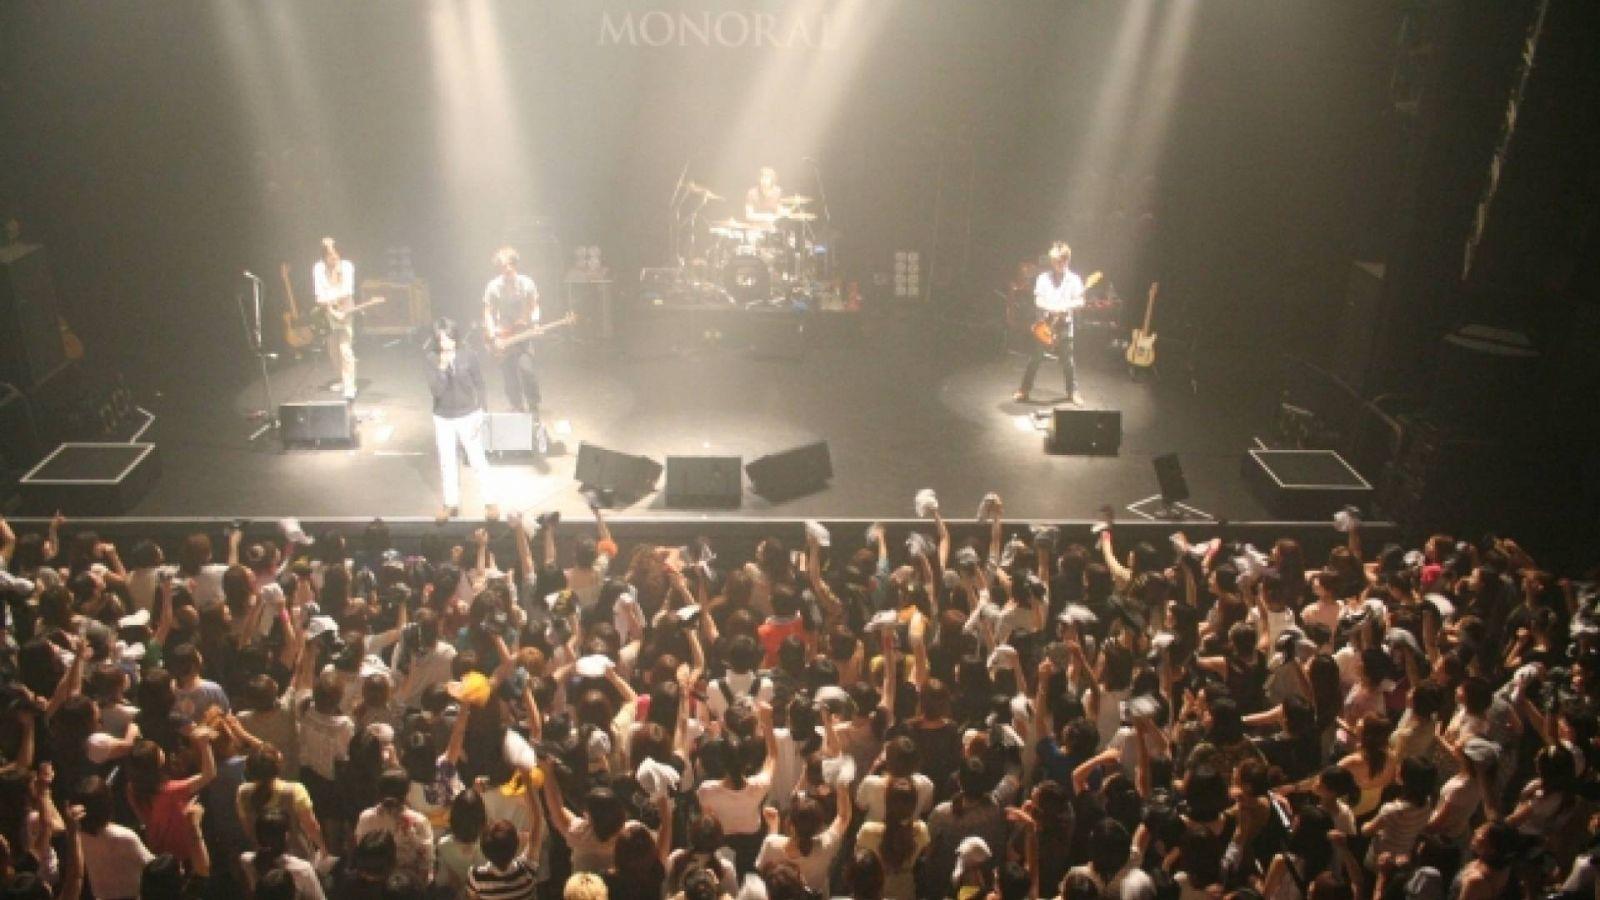 Reporte de concierto de MONORAL © MONORAL - VAMPROSE